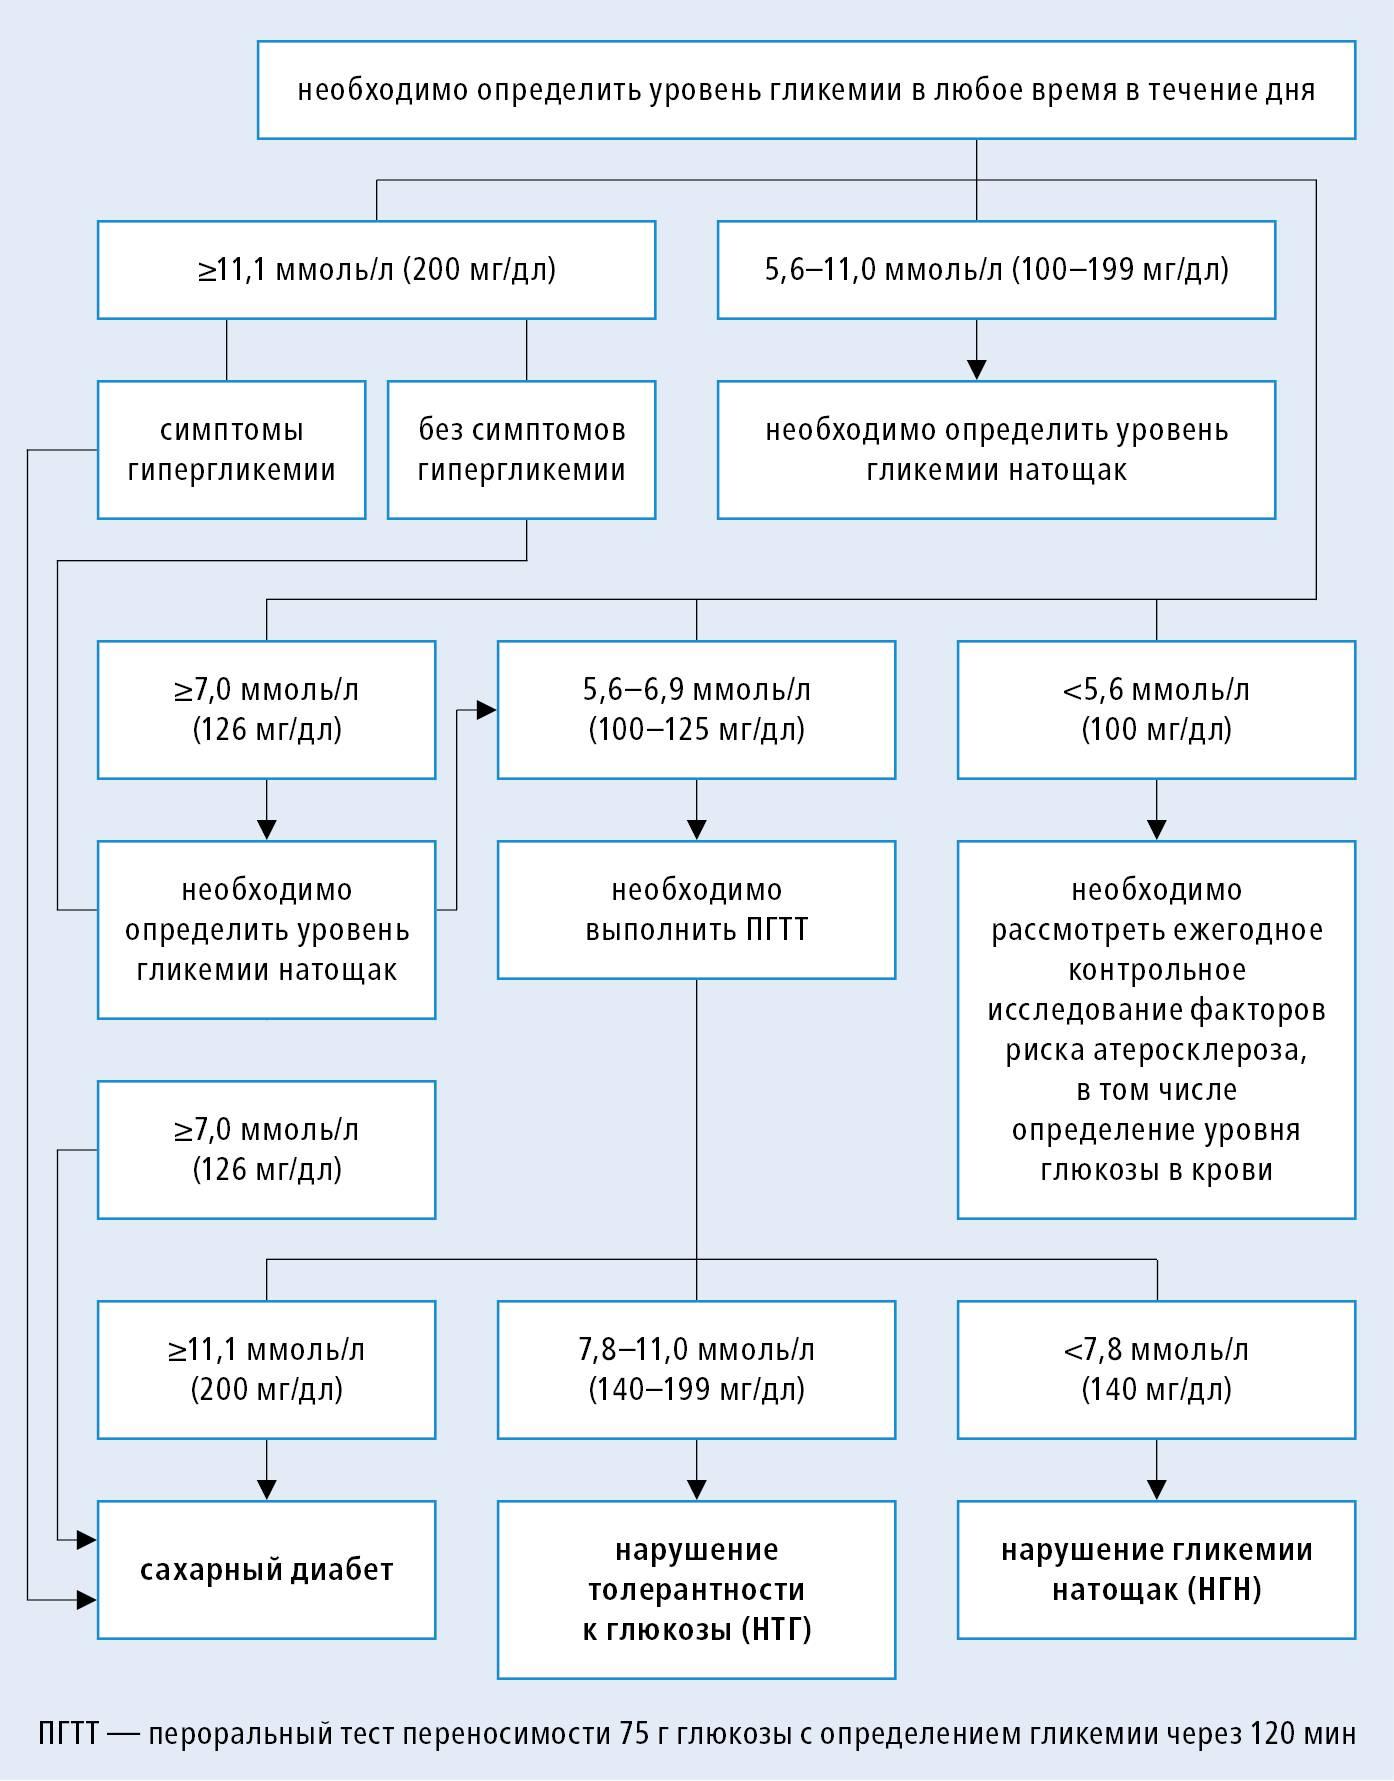 Оптимальный уровень сахара при диабете и его отклонения